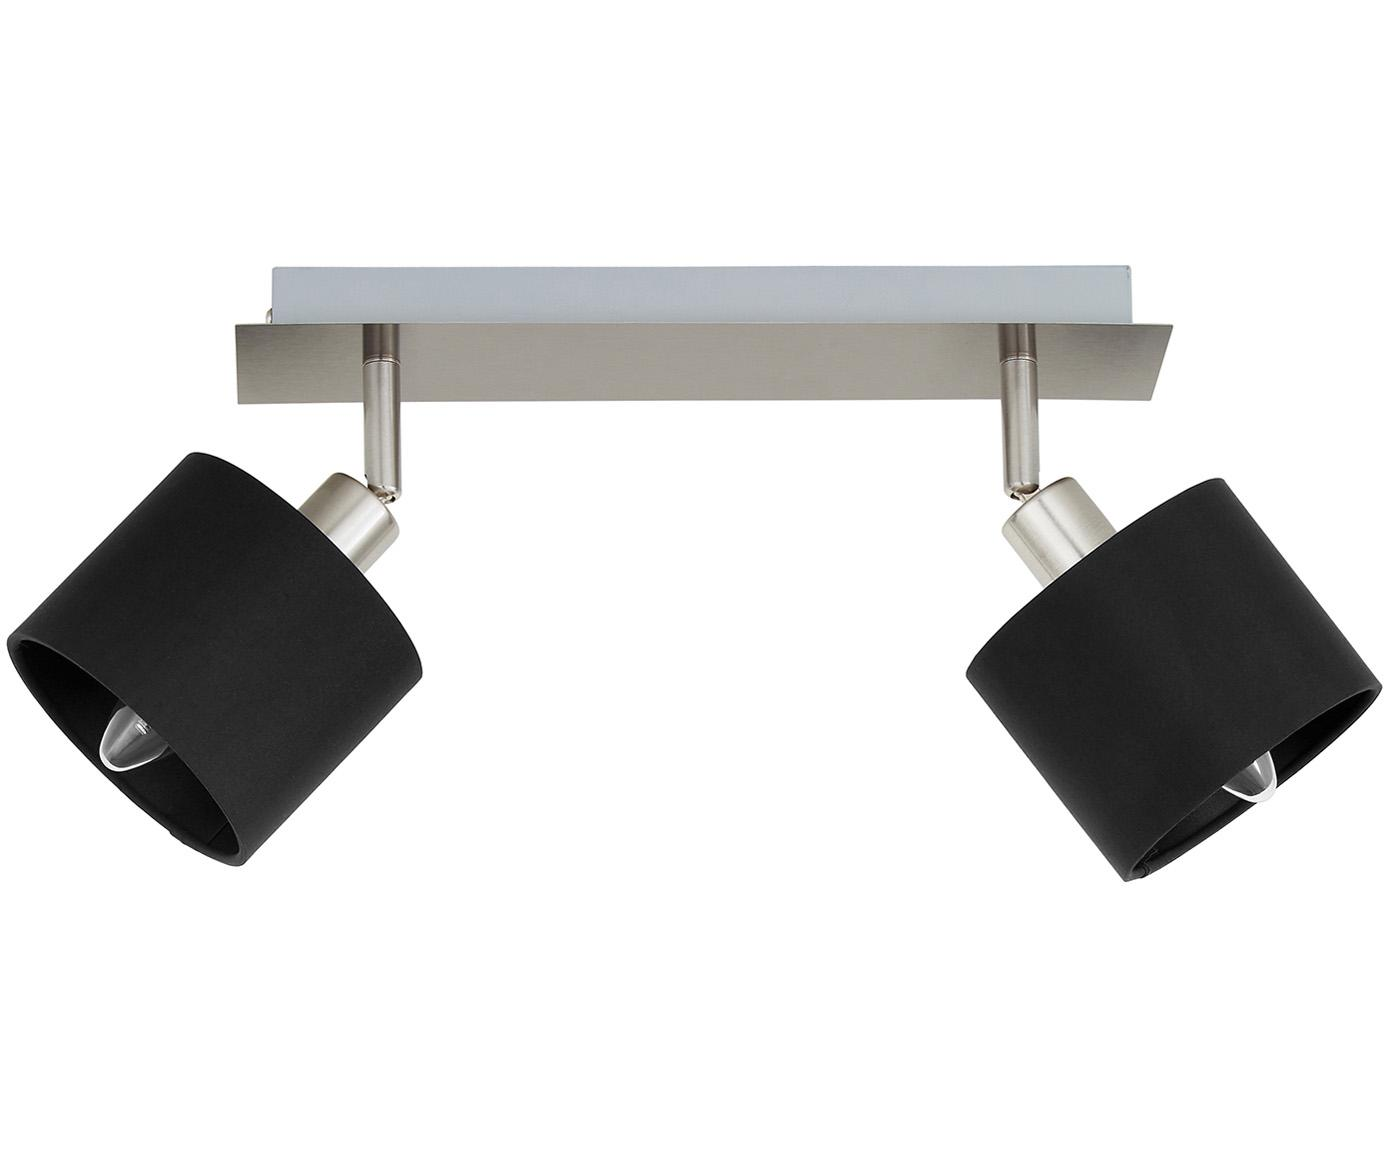 Lampa sufitowa Casper, Odcienie srebrnego, czarny, S 32 x W 7 cm